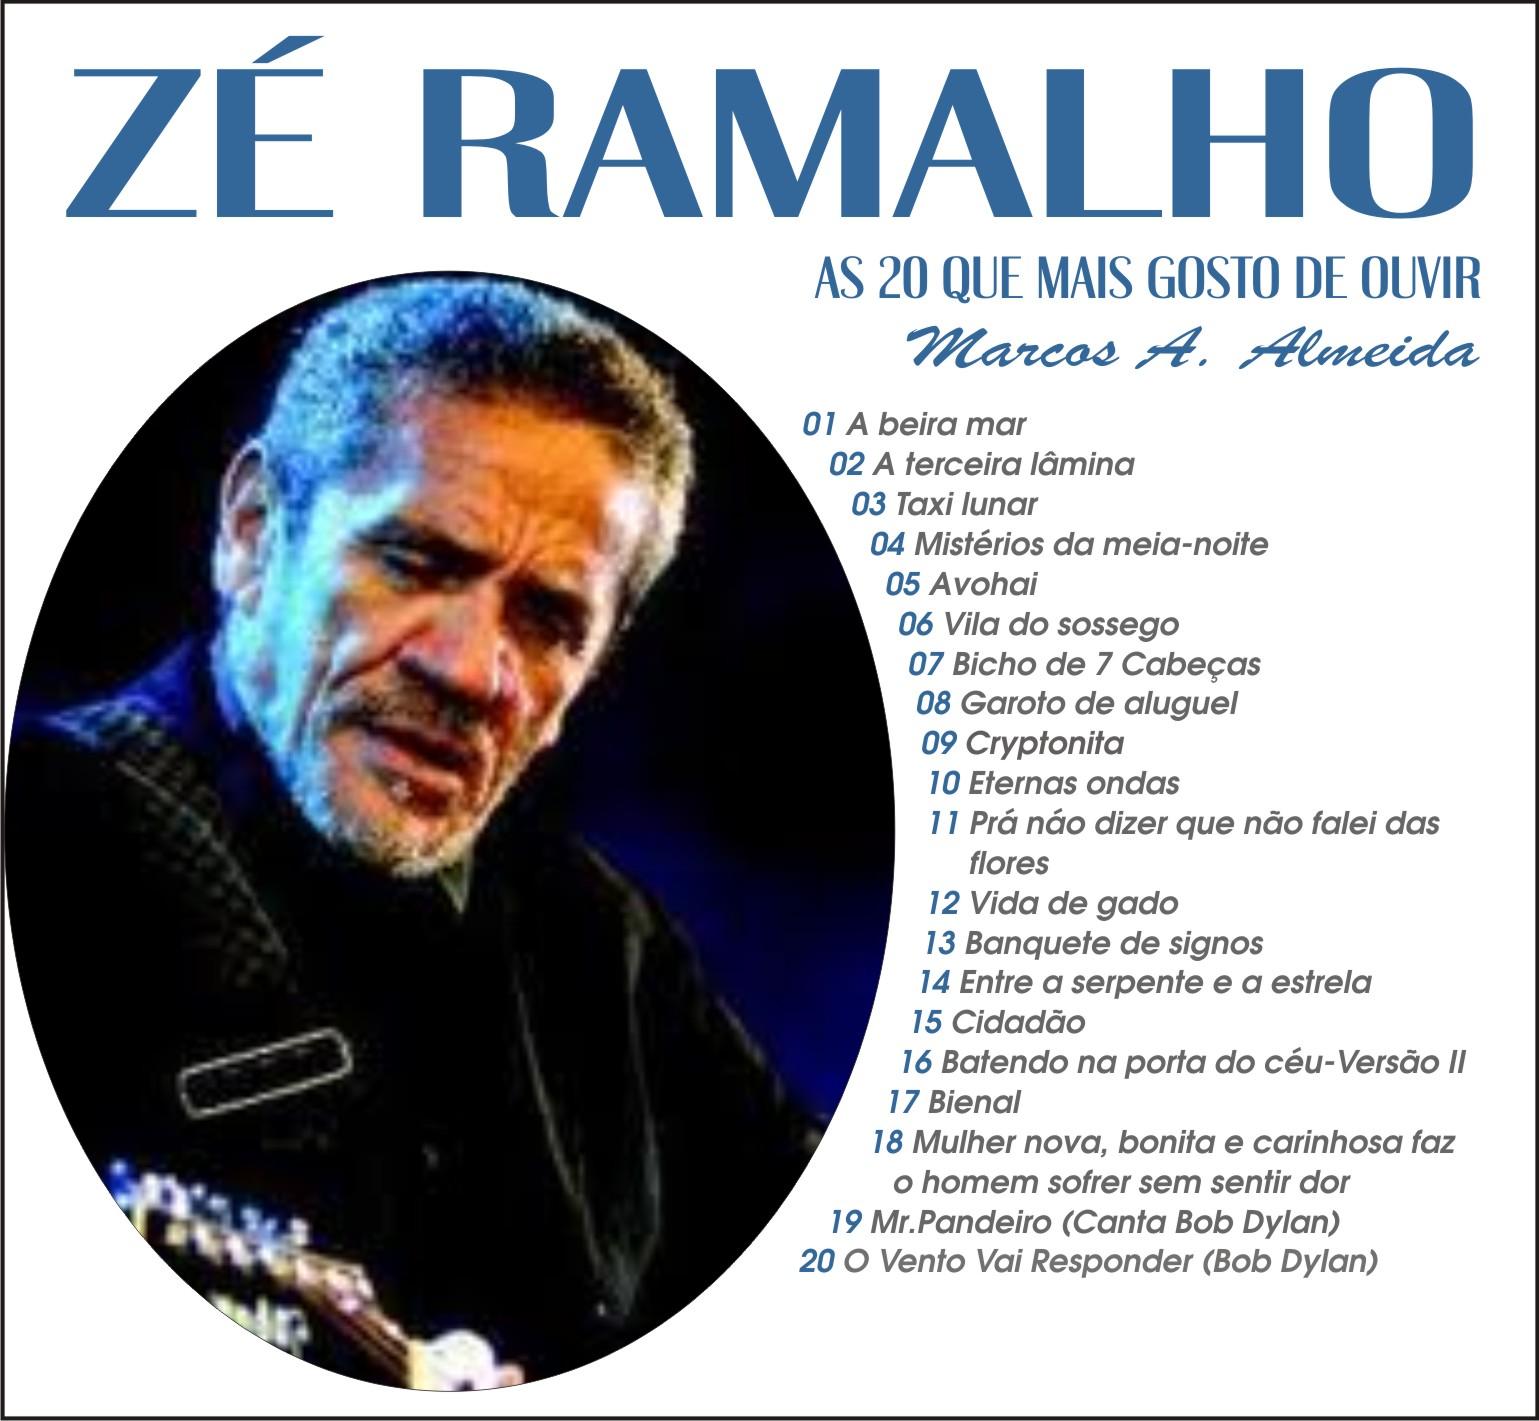 TURMA DO FLAMENGUINHO: AS 20 QUE GOSTO DE OUVIR DO ZÉ RAMALHO